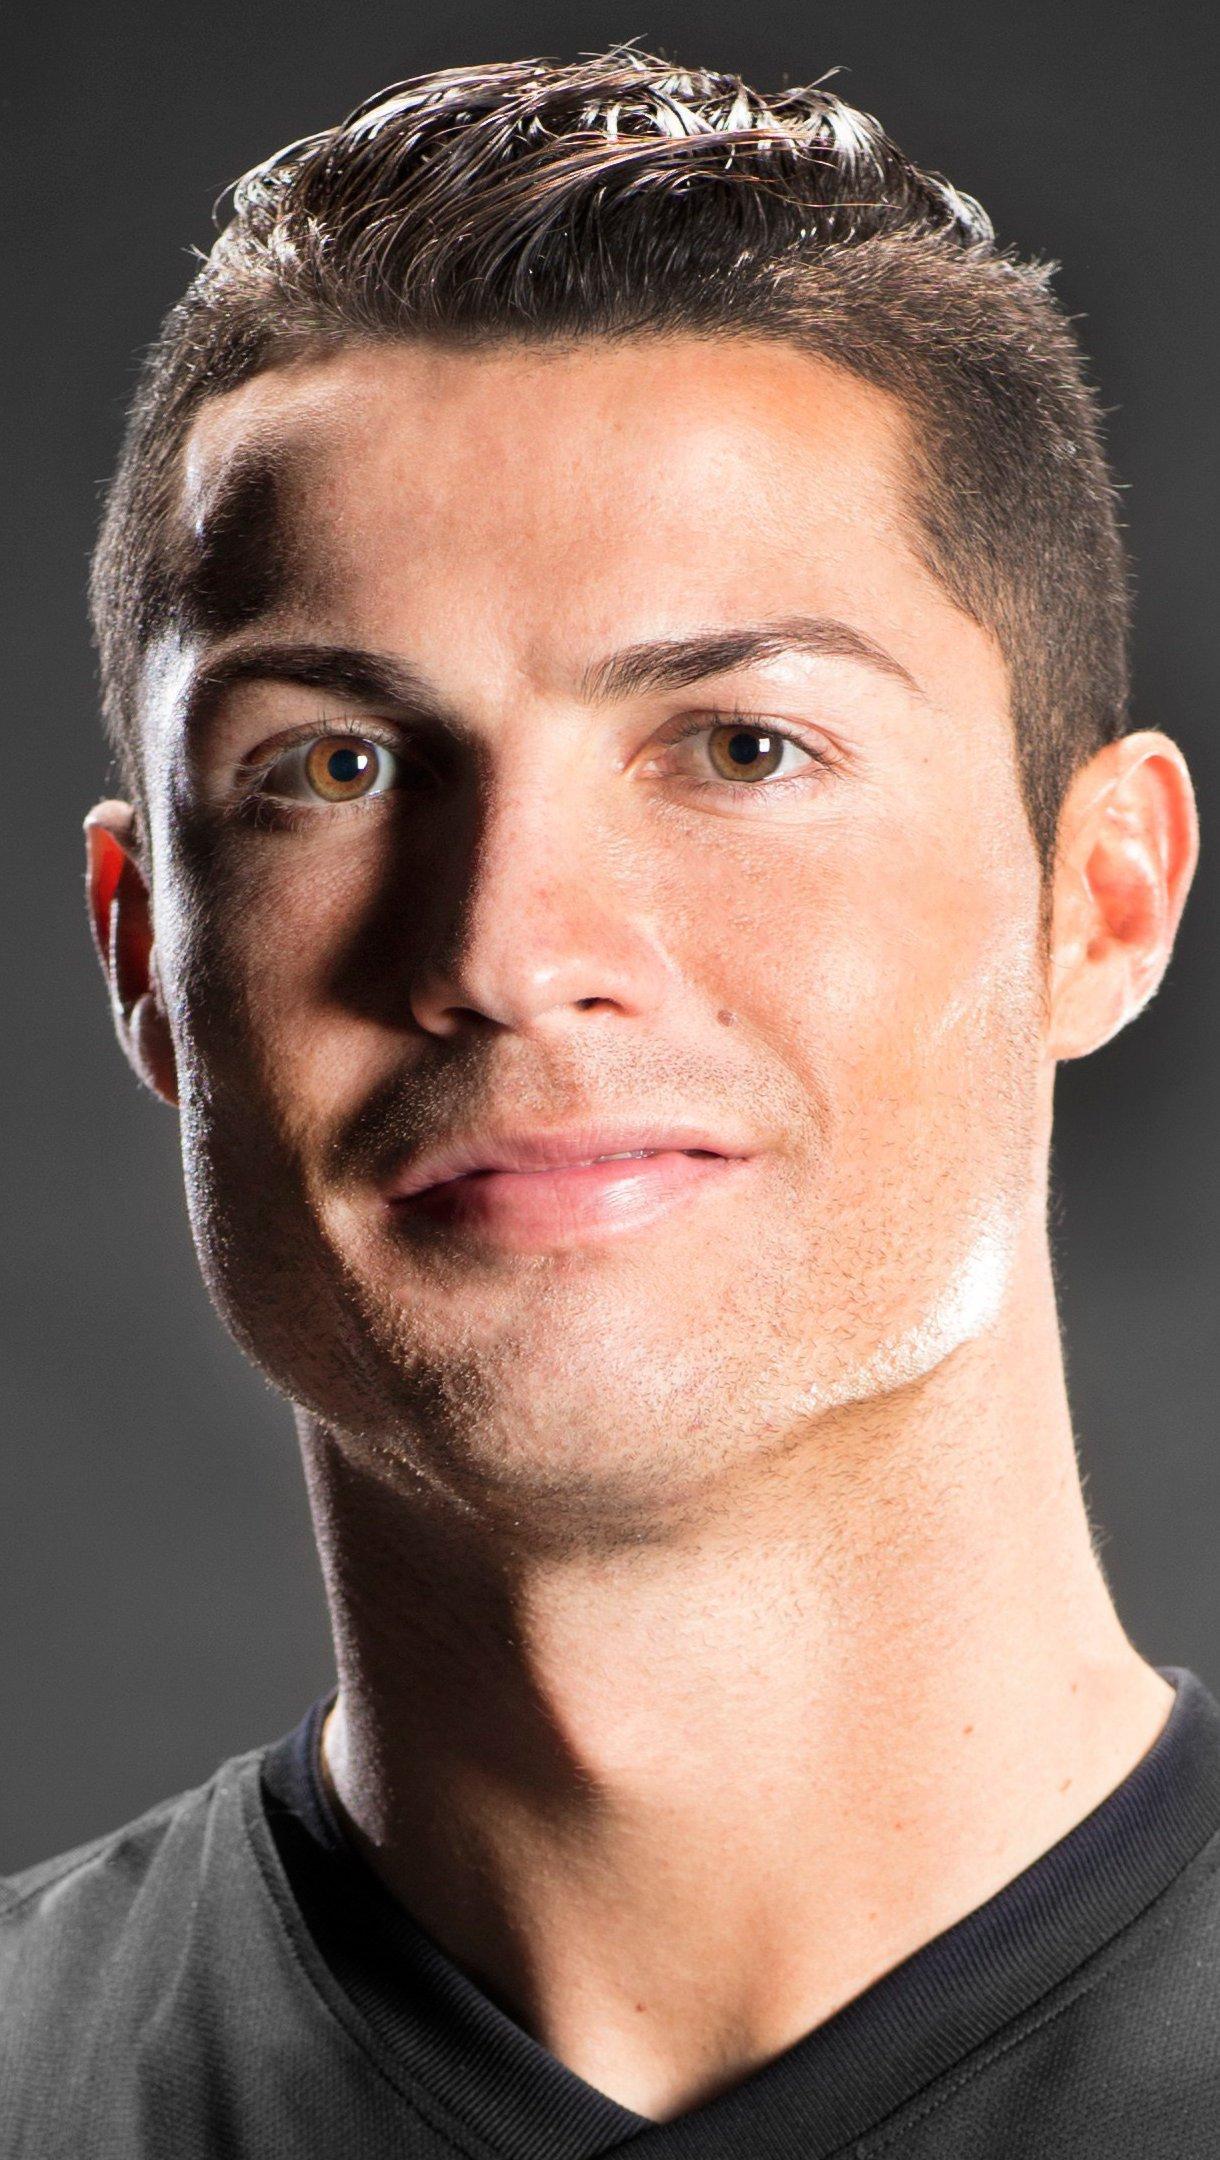 Cristiano Ronaldo Wallpaper 4k Ultra HD ...